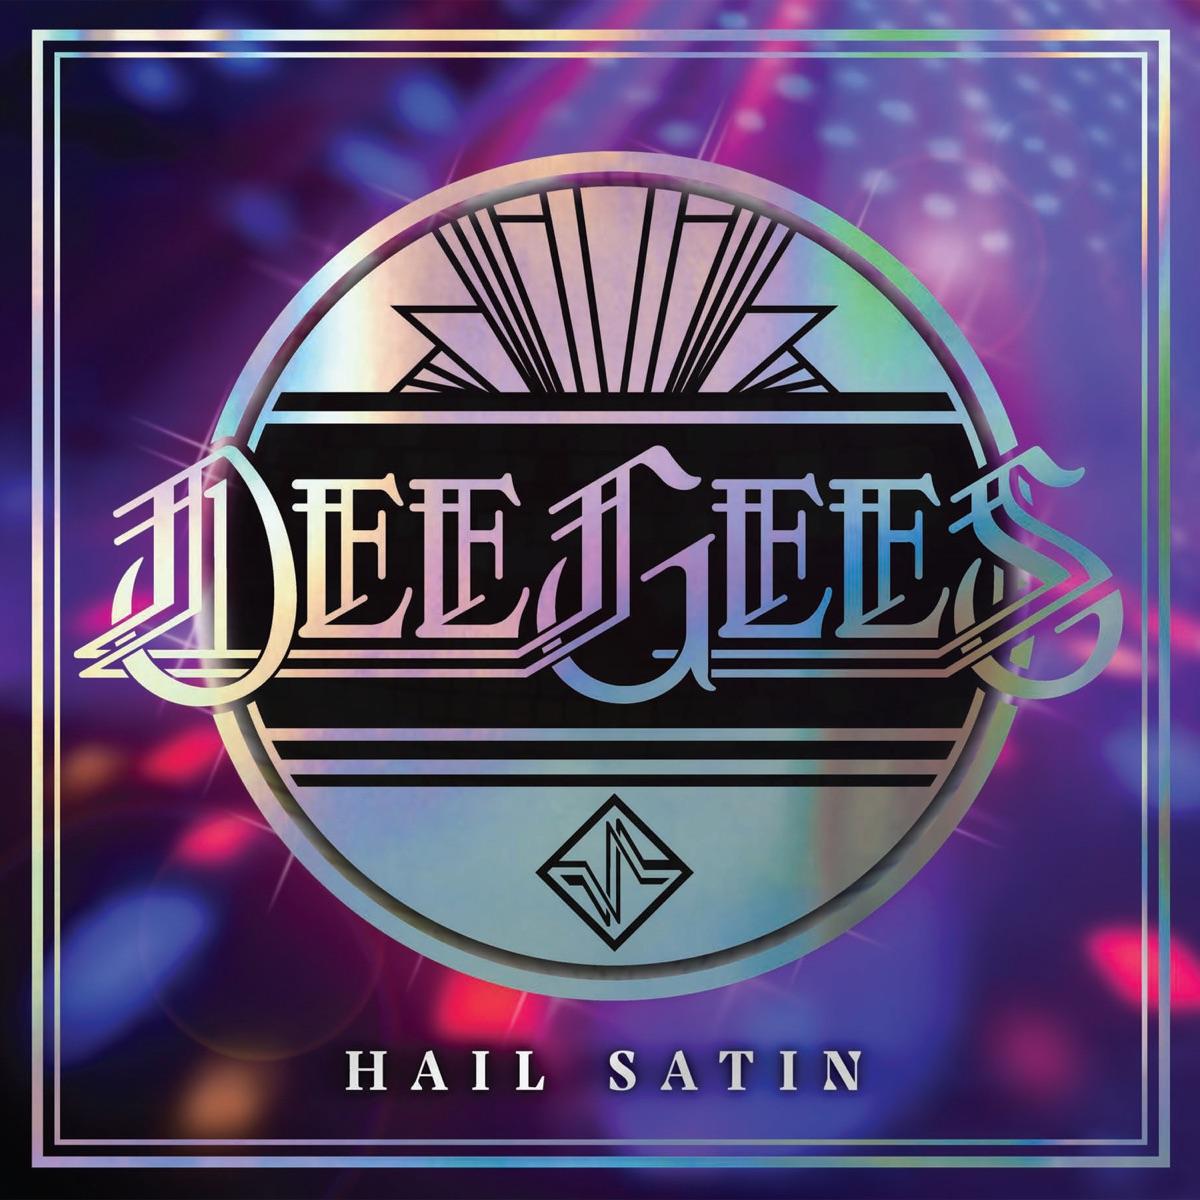 Hail Satin (Dee Gees)